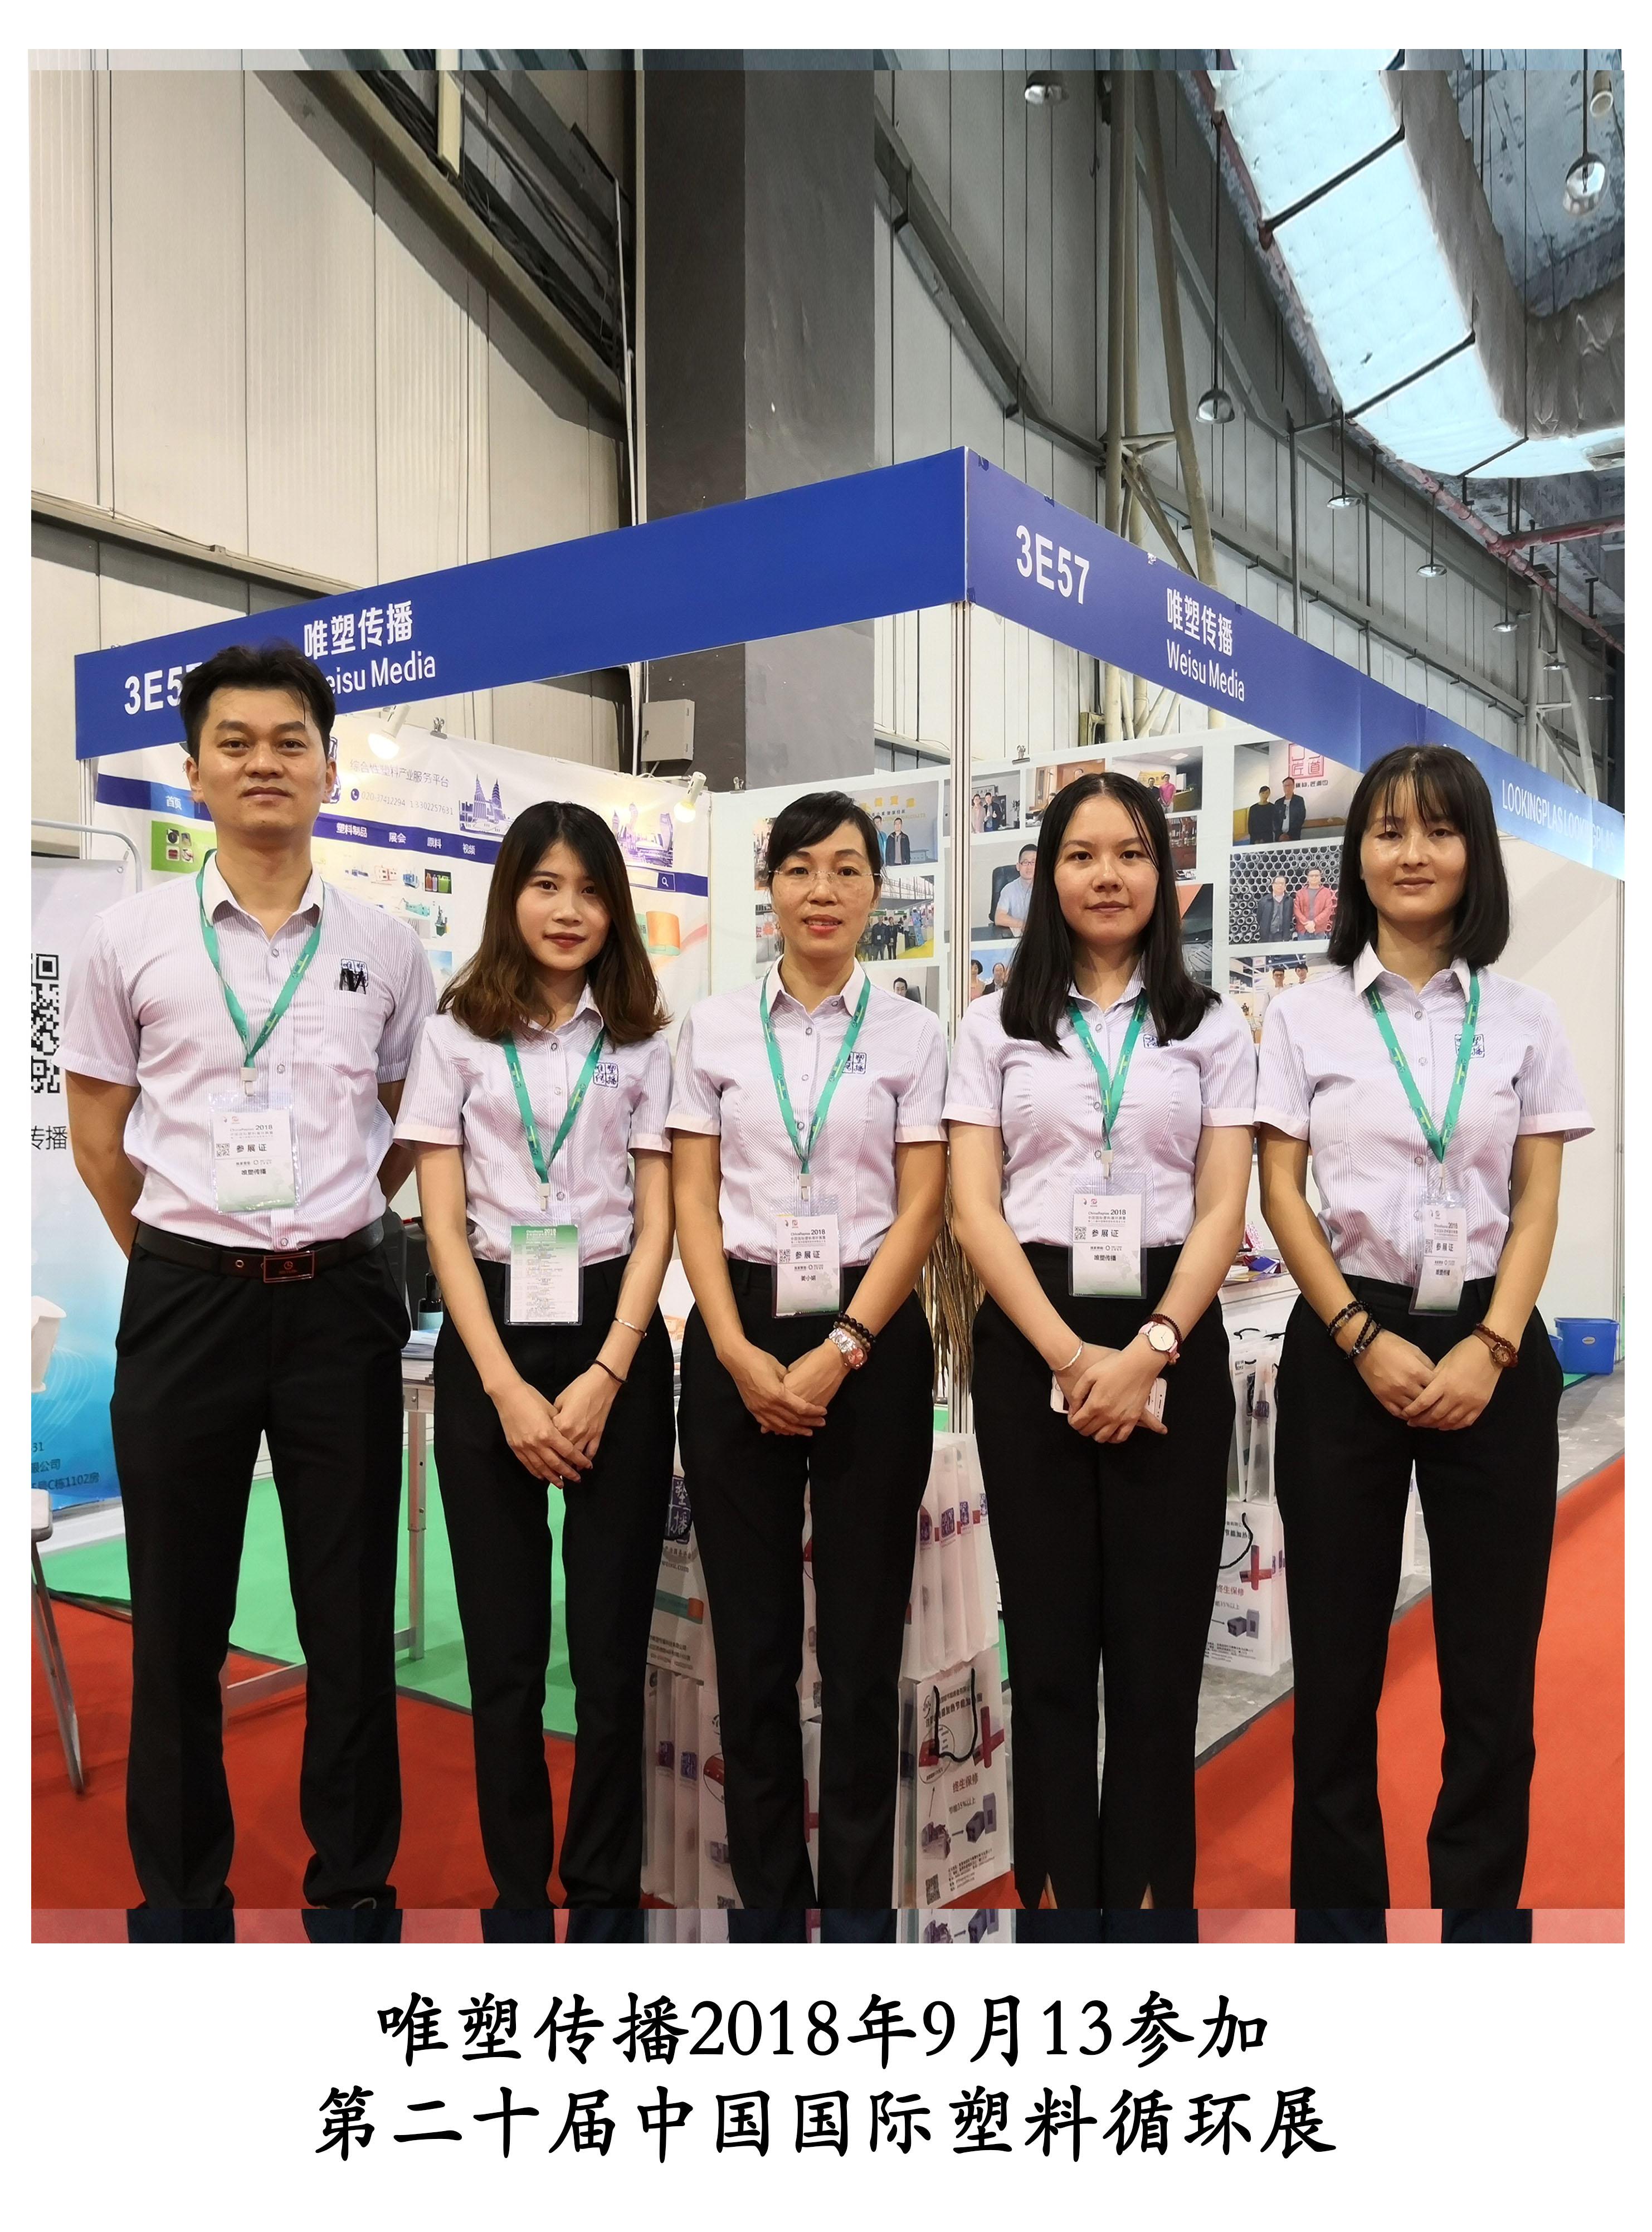 展会实录:中国国际塑料循环展盛况空前